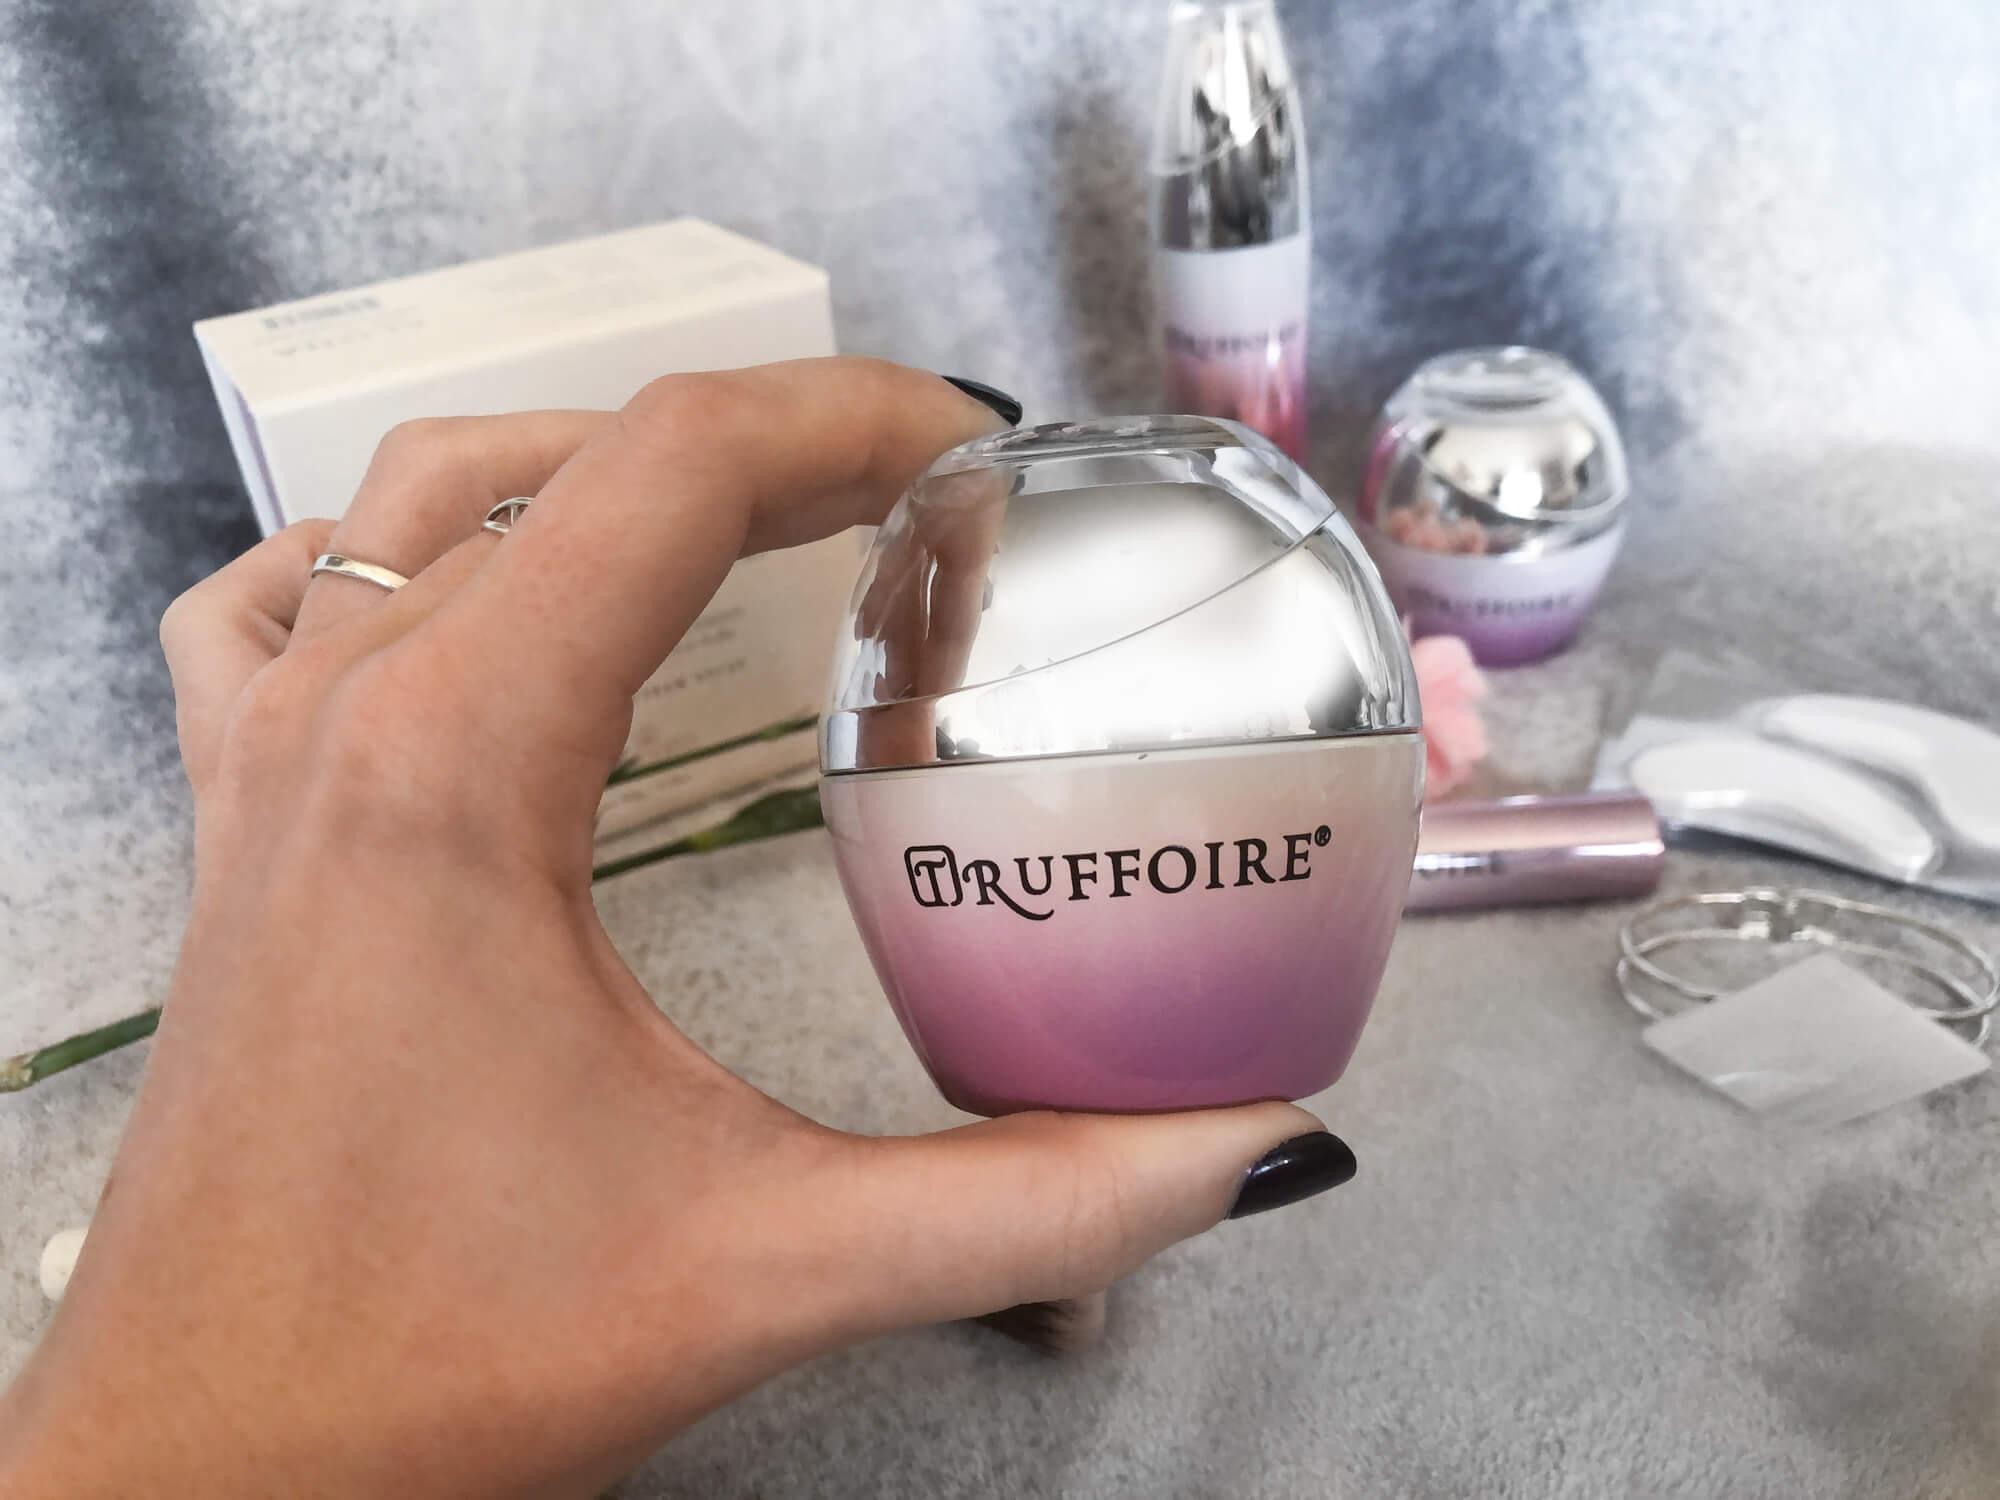 Truffoire cream